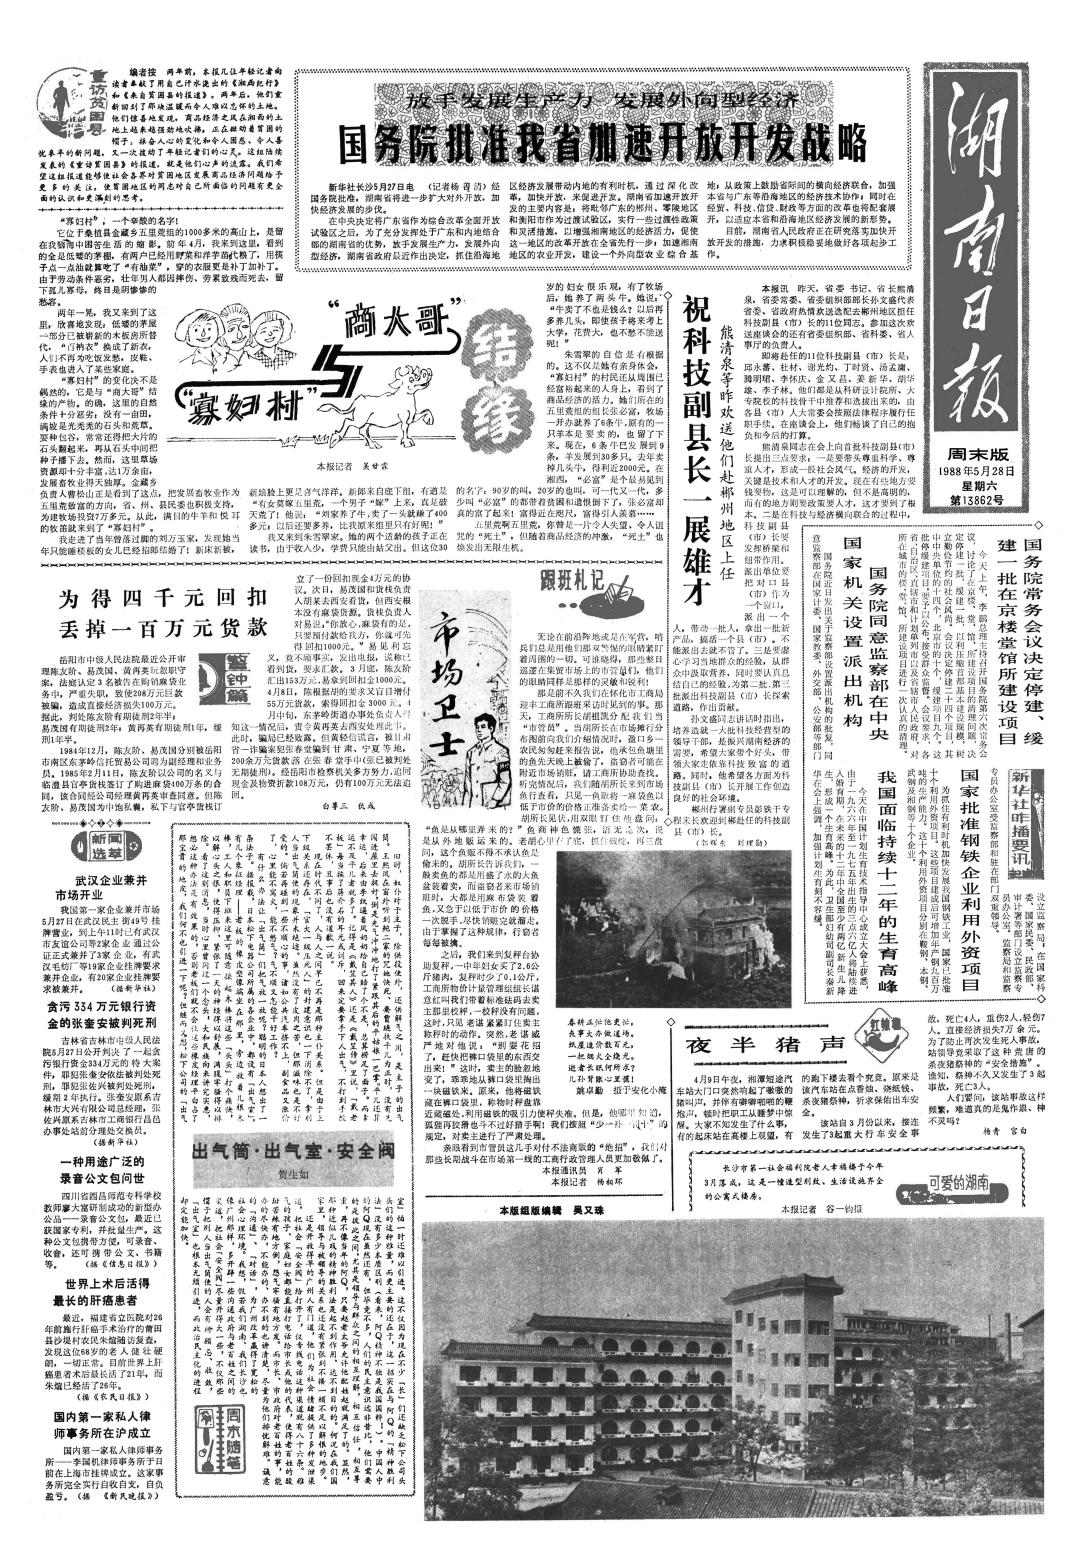 (1988年5月28日,《湖南日报》刊发有关国务院批准我省加速开放开发战略的报道。资料图片)